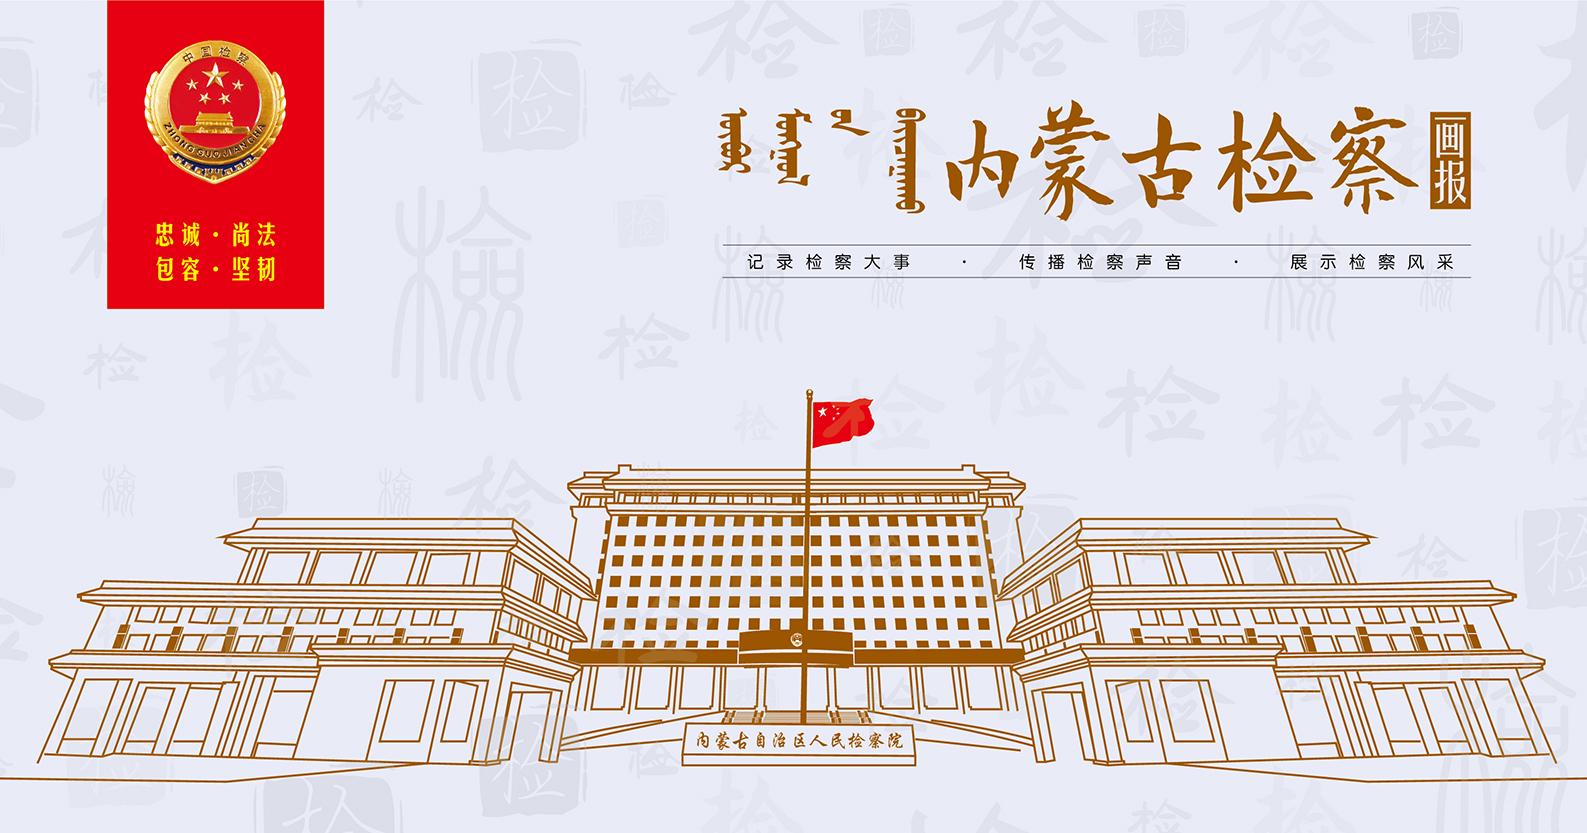 内蒙古检察院画报